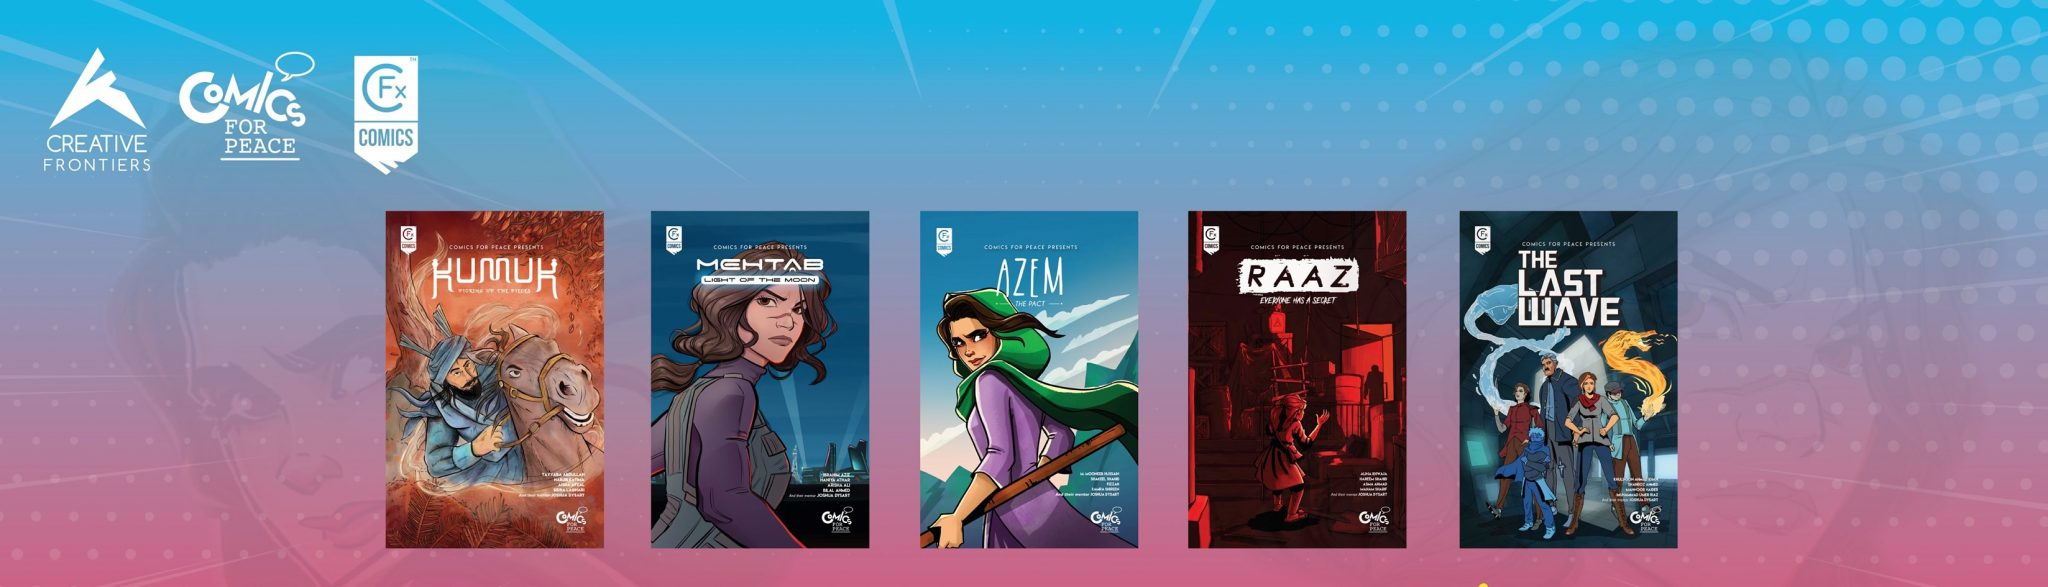 CFx Comics List